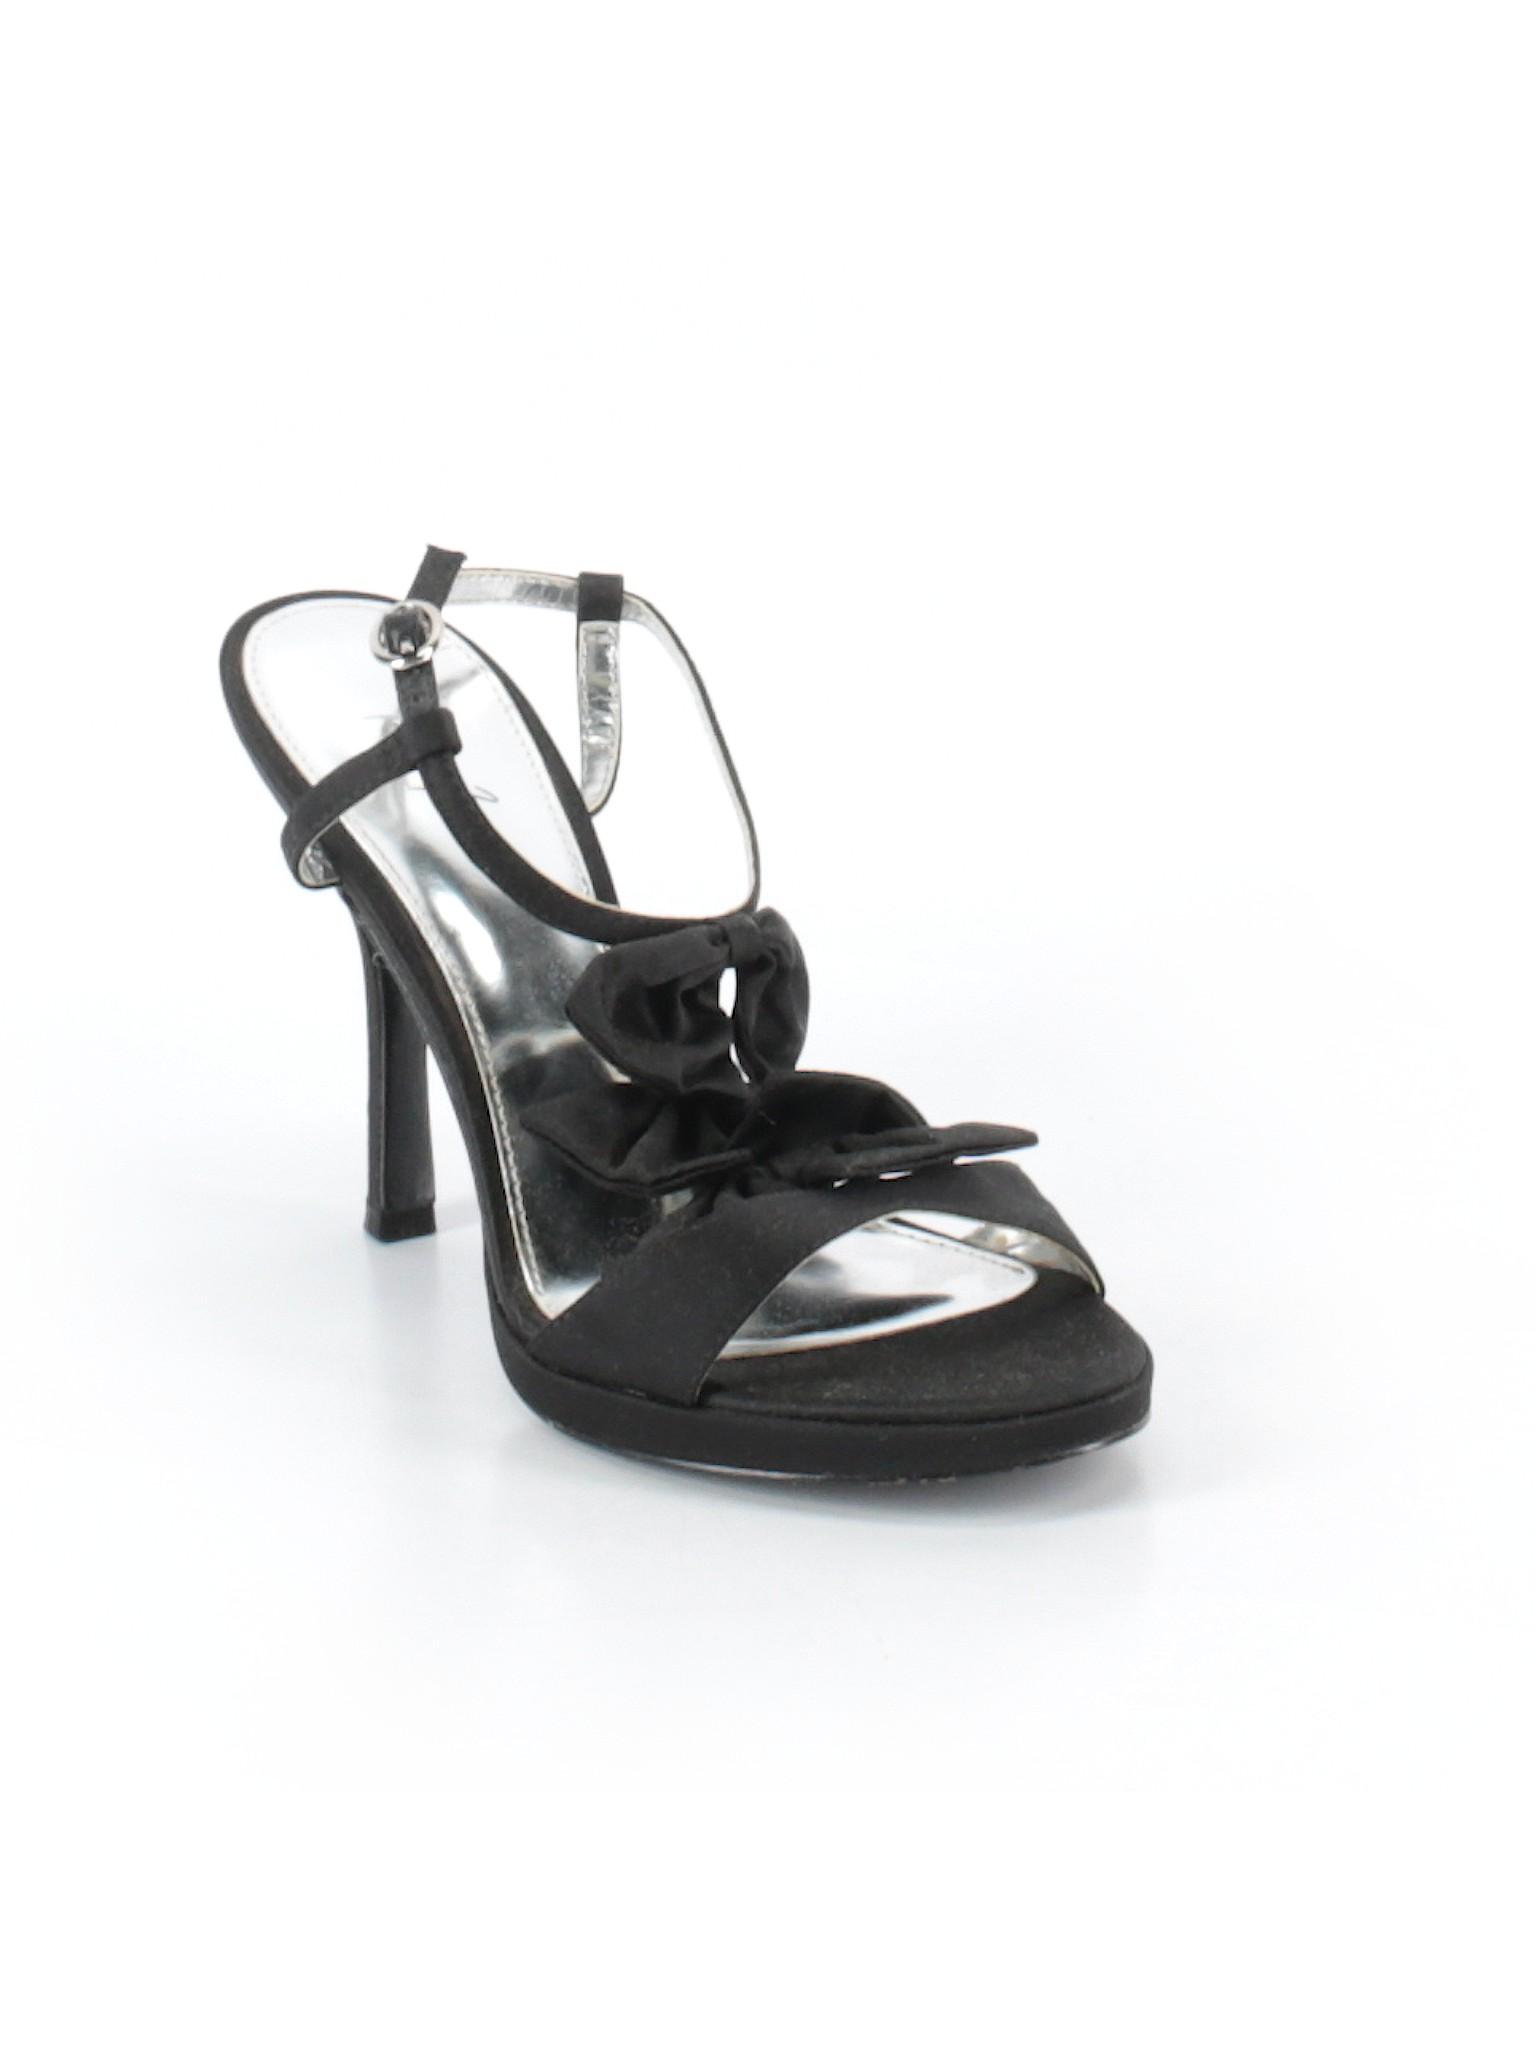 Heels Boutique promotion Ferrar promotion Jacqueline Ferrar Jacqueline Boutique C6TqS0Sfwx